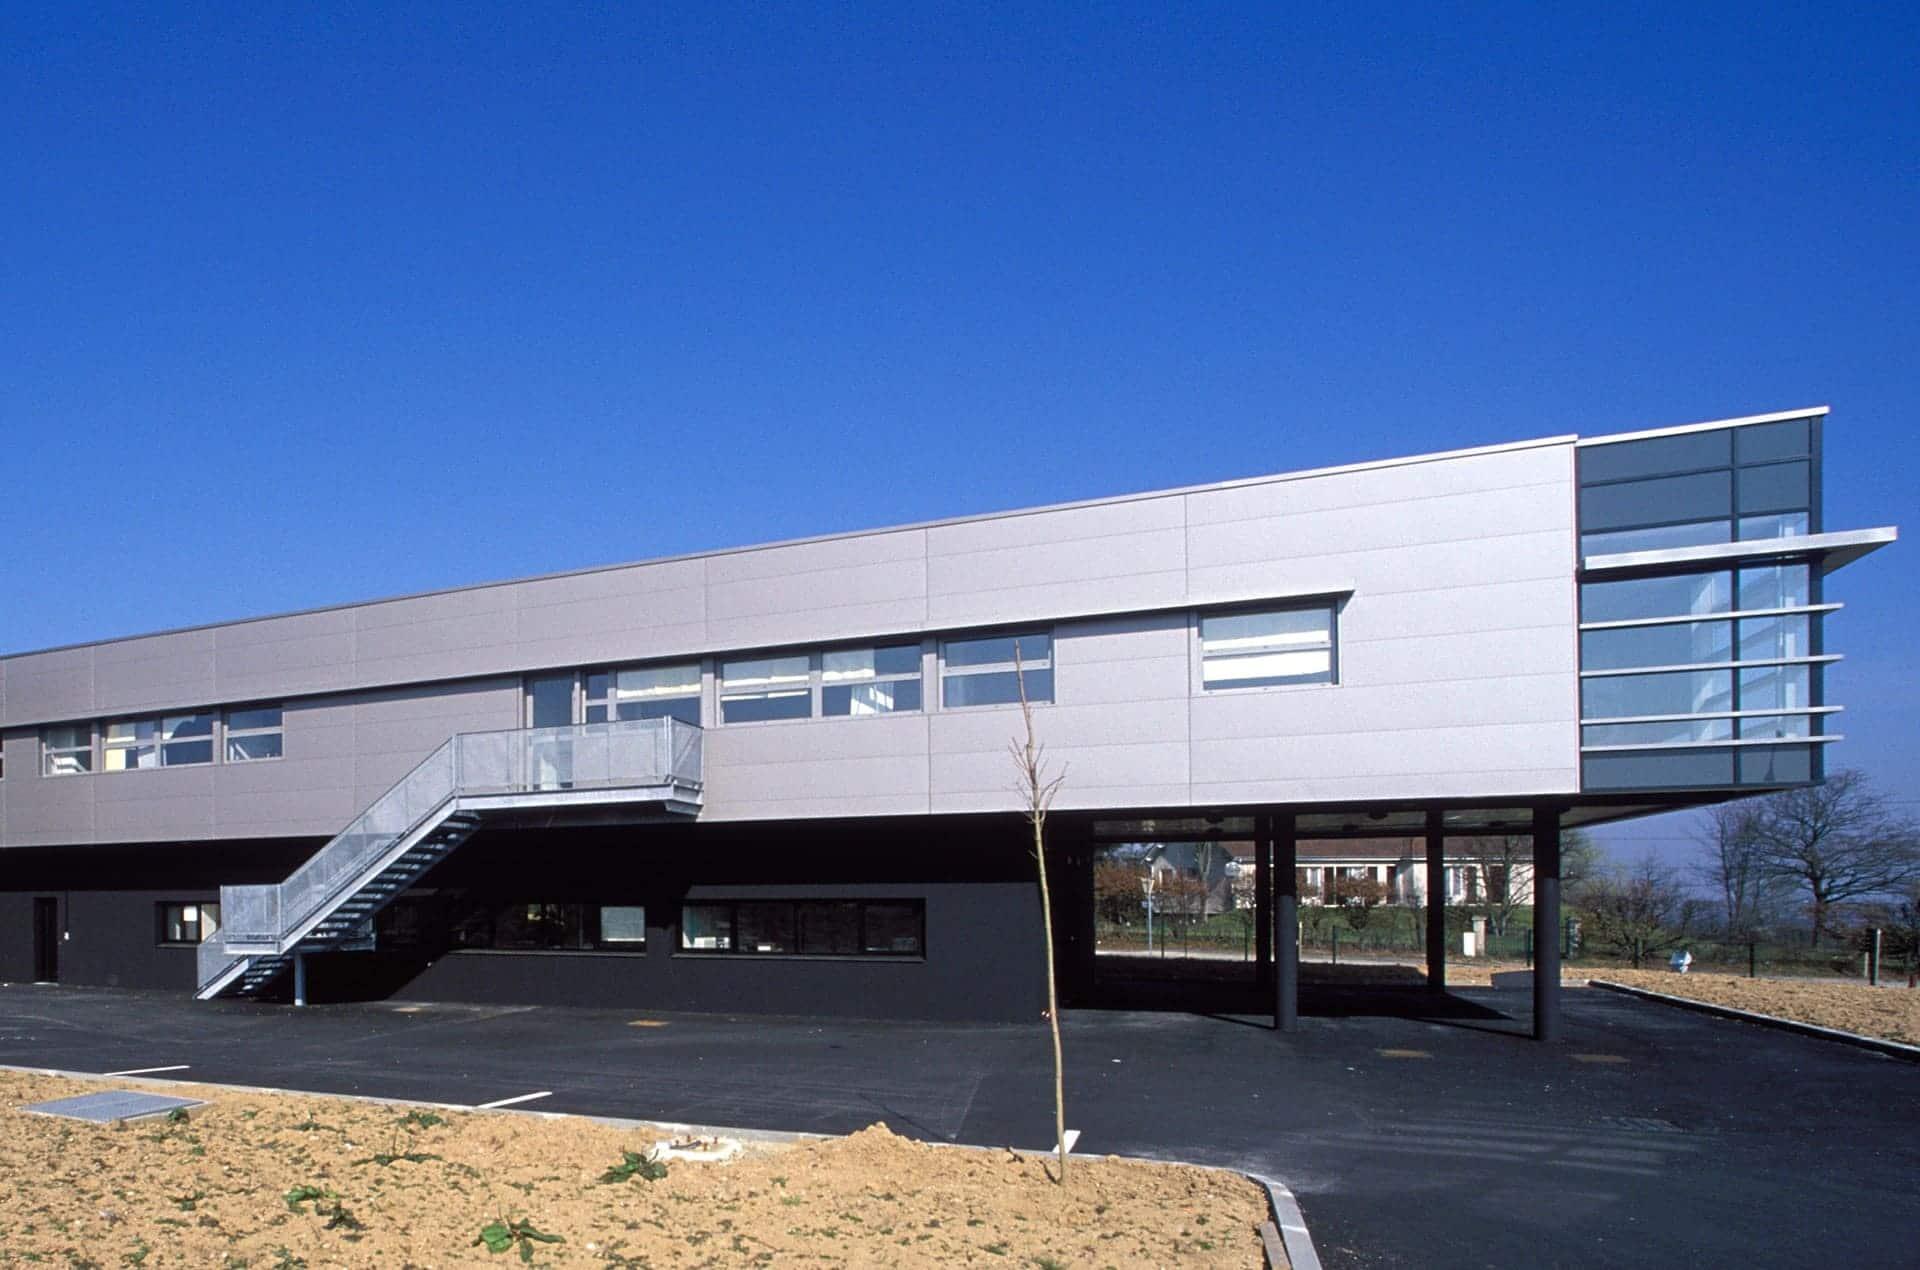 architec-sdel-facade